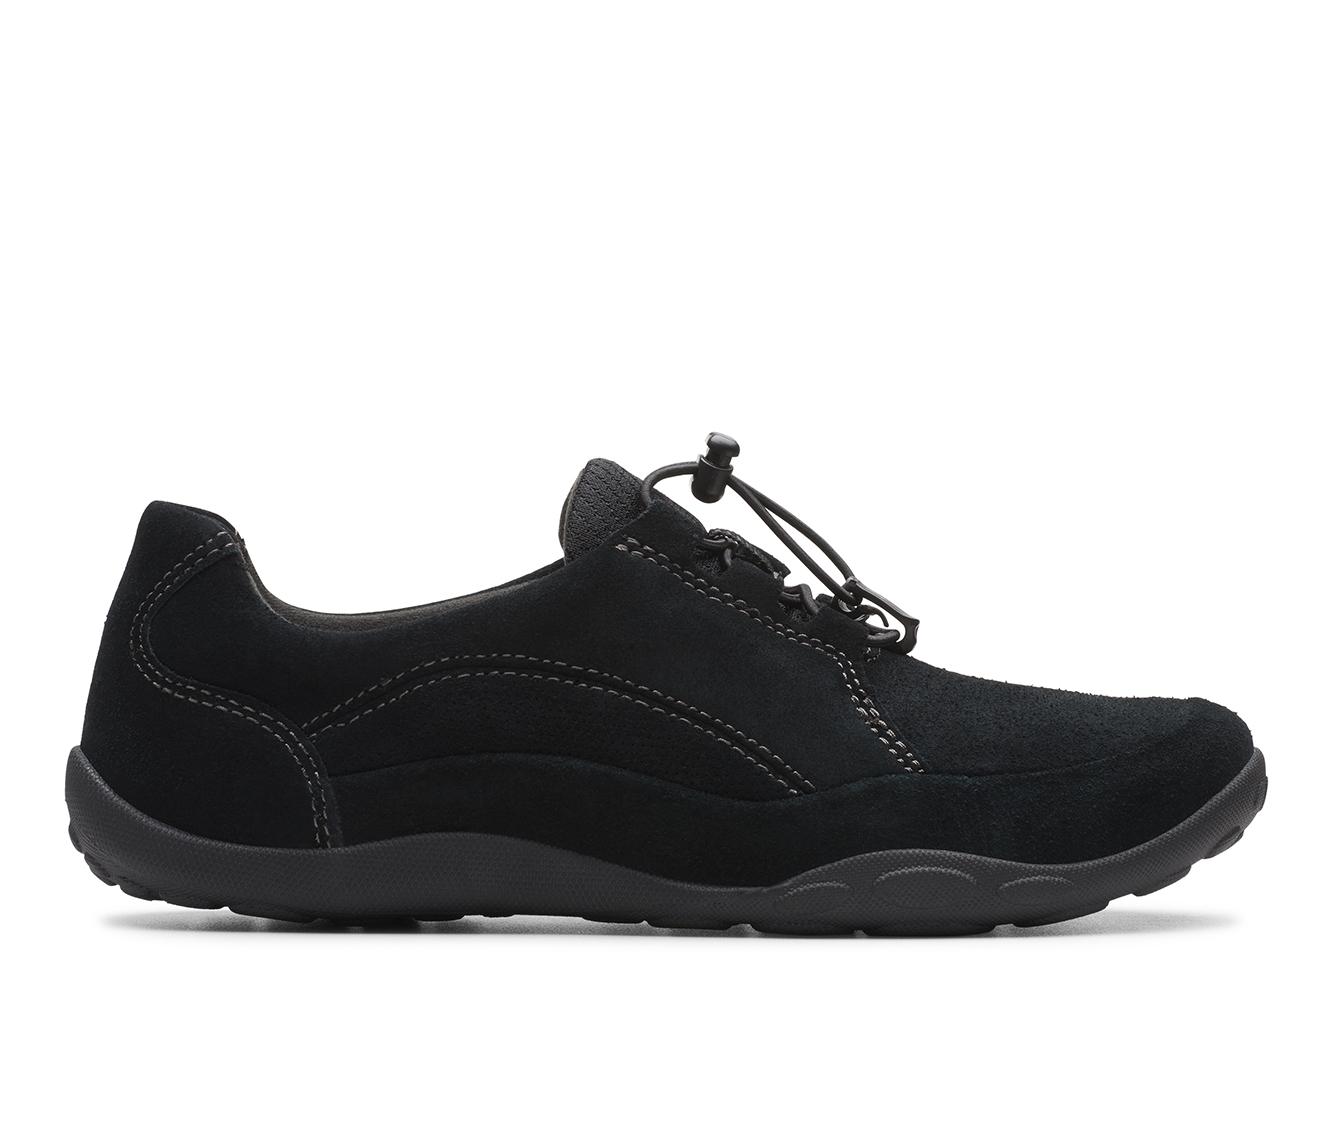 Clarks Haley Rhea Women's Shoe (Black Suede)